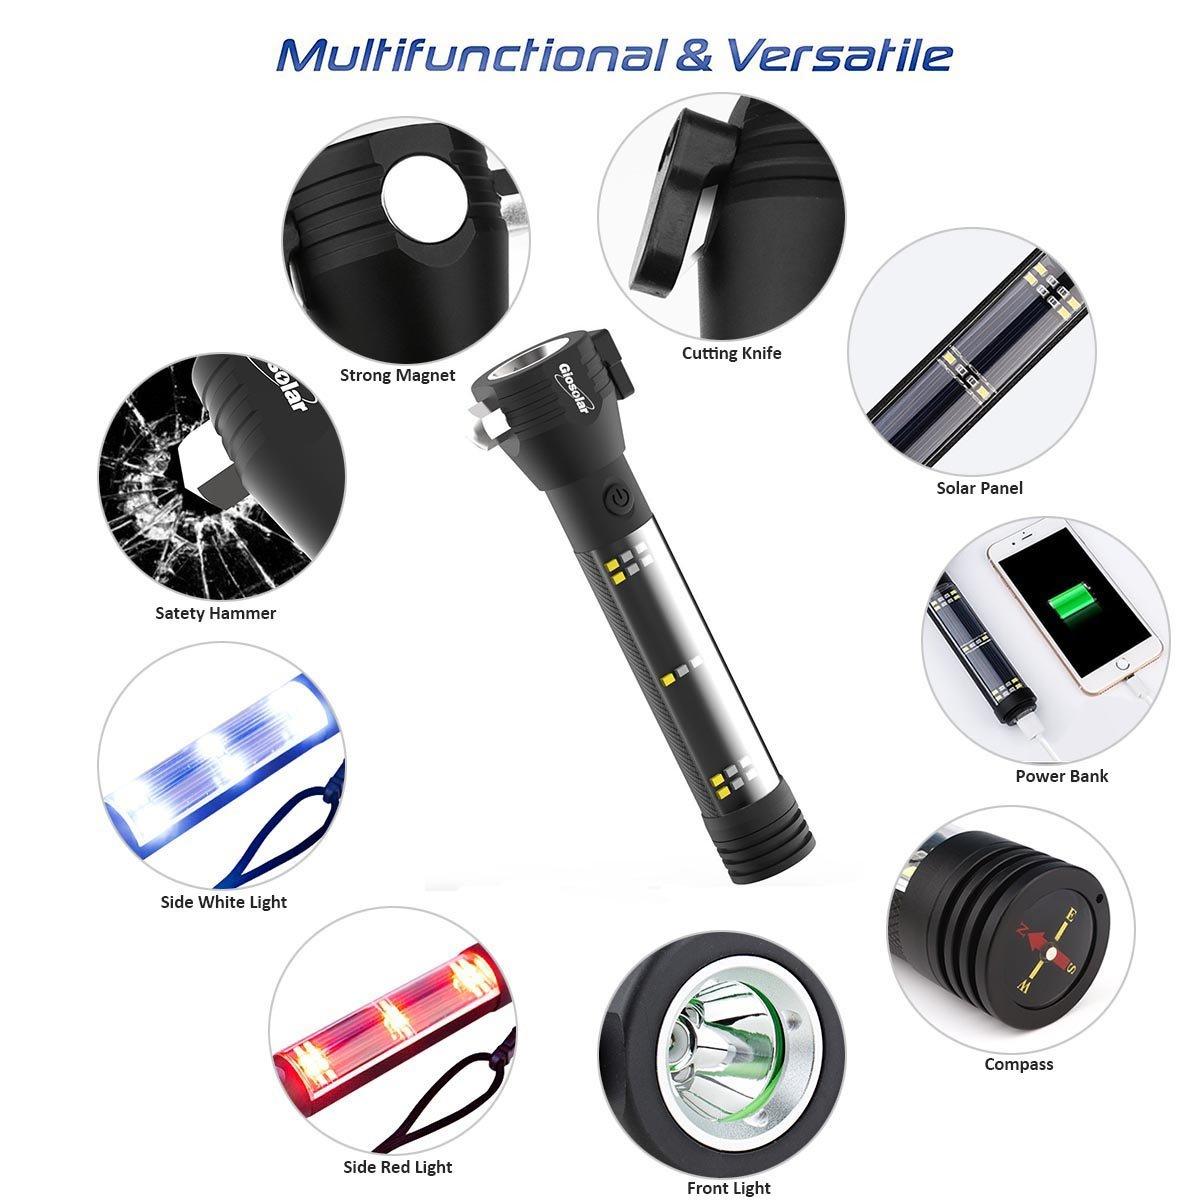 Giosolar multifonction lampe de poche rechargeable USB lampe de poche /à /énergie solaire lampe torche /à main lev/ée ext/érieur /étanche Camping Lampes de poche avec c/âble de charge USB